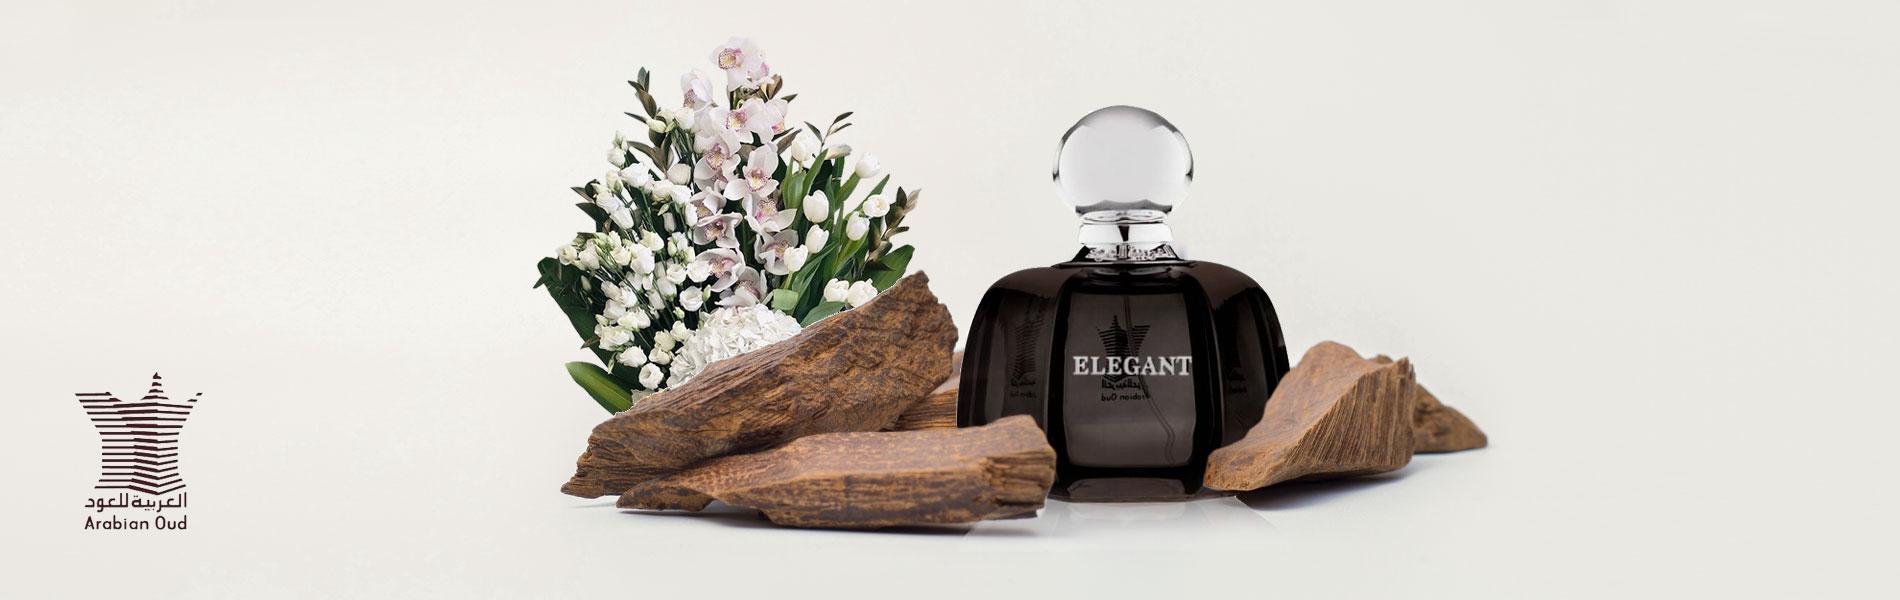 Oud Perfumes